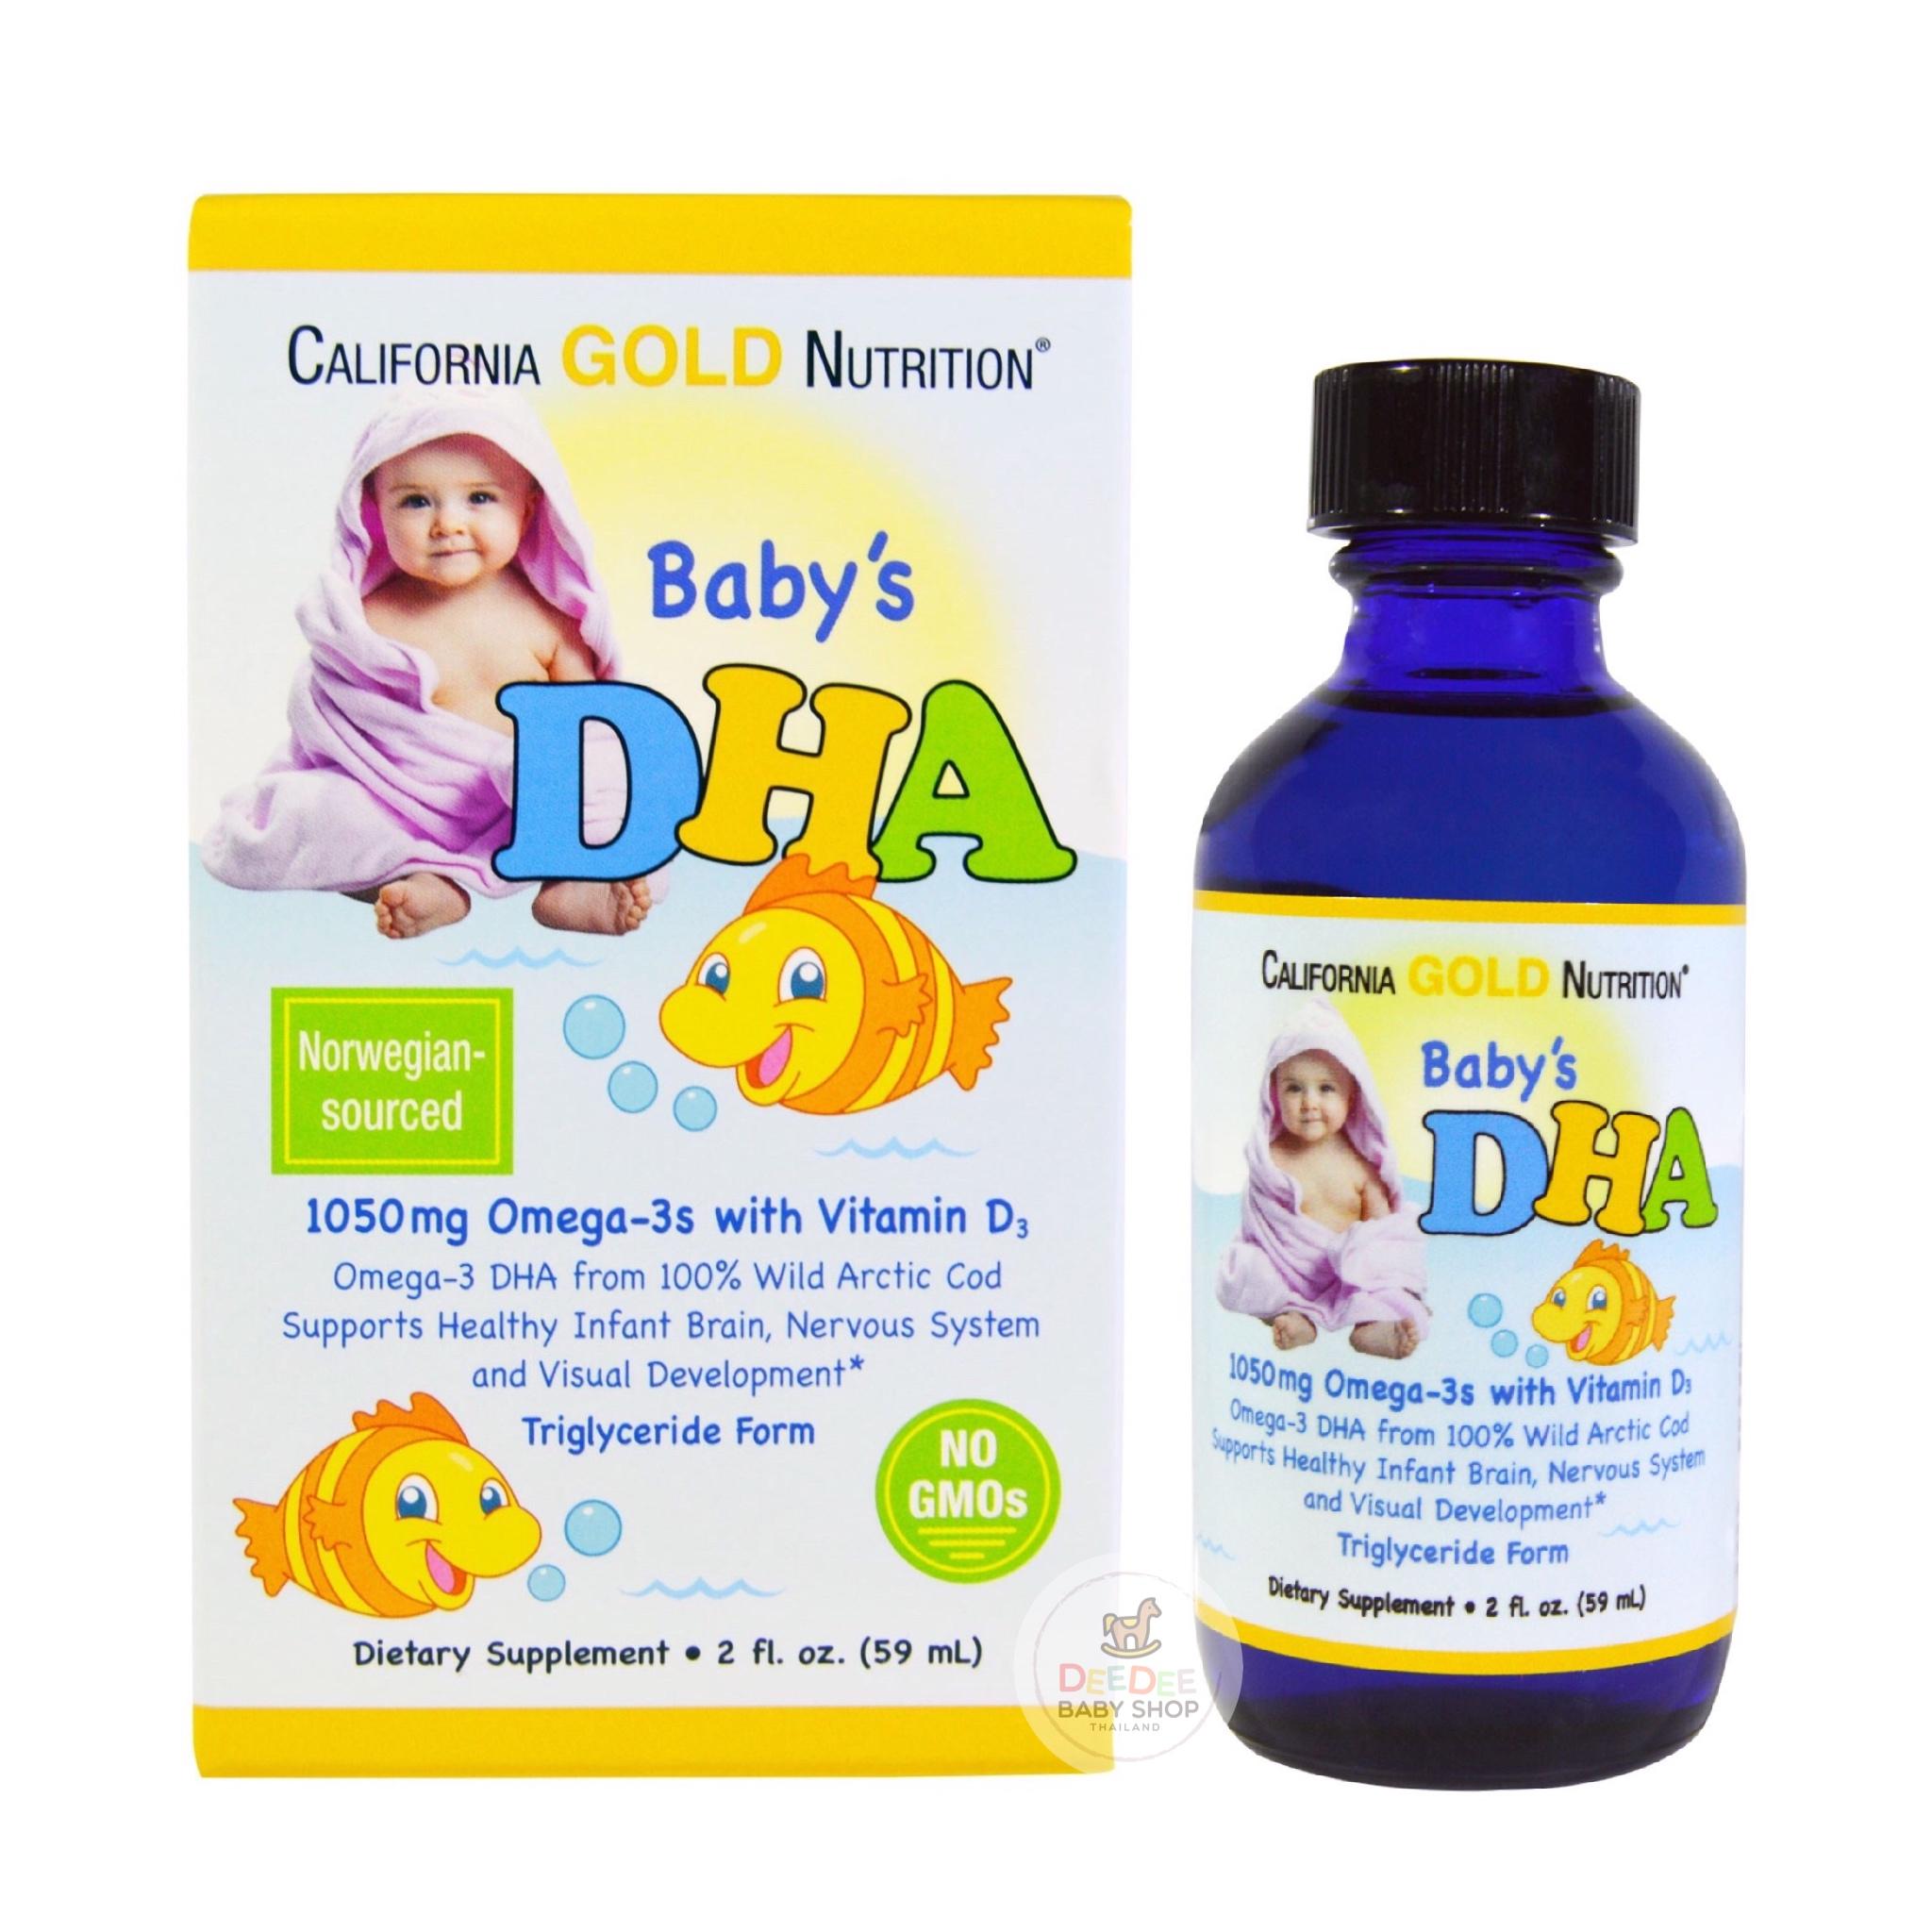 วิตามินเสริมแร่ธาตุ DHA สำหรับทารก California GOLD Baby's DHA, 1050 mg Omega-3s with Vitamin D3